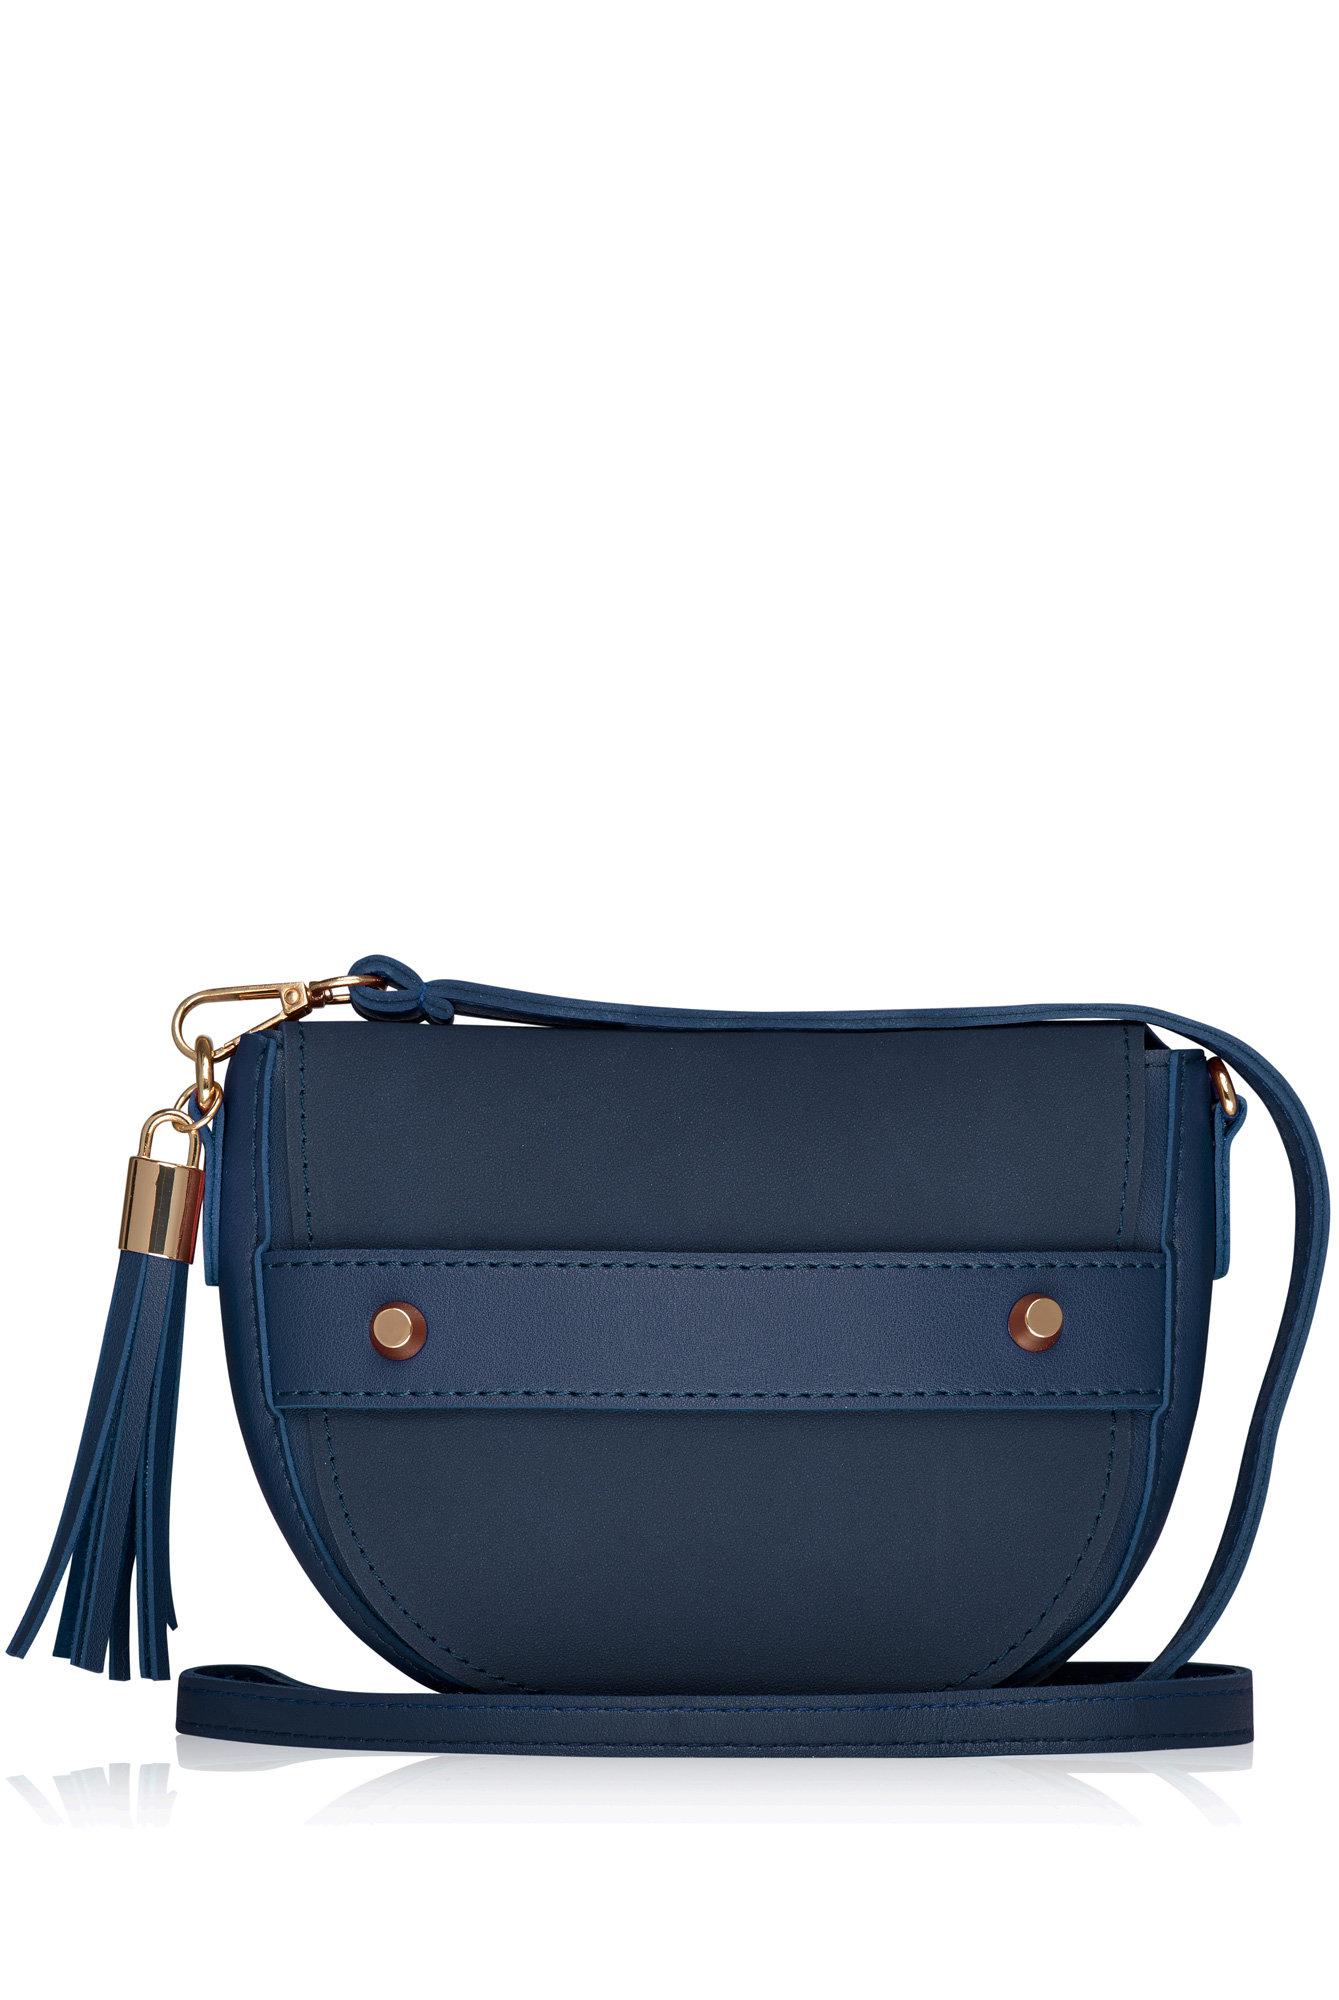 df36d04ec944 Женские сумки оптом | Женская сумка через плечо модель: CHERVO ...